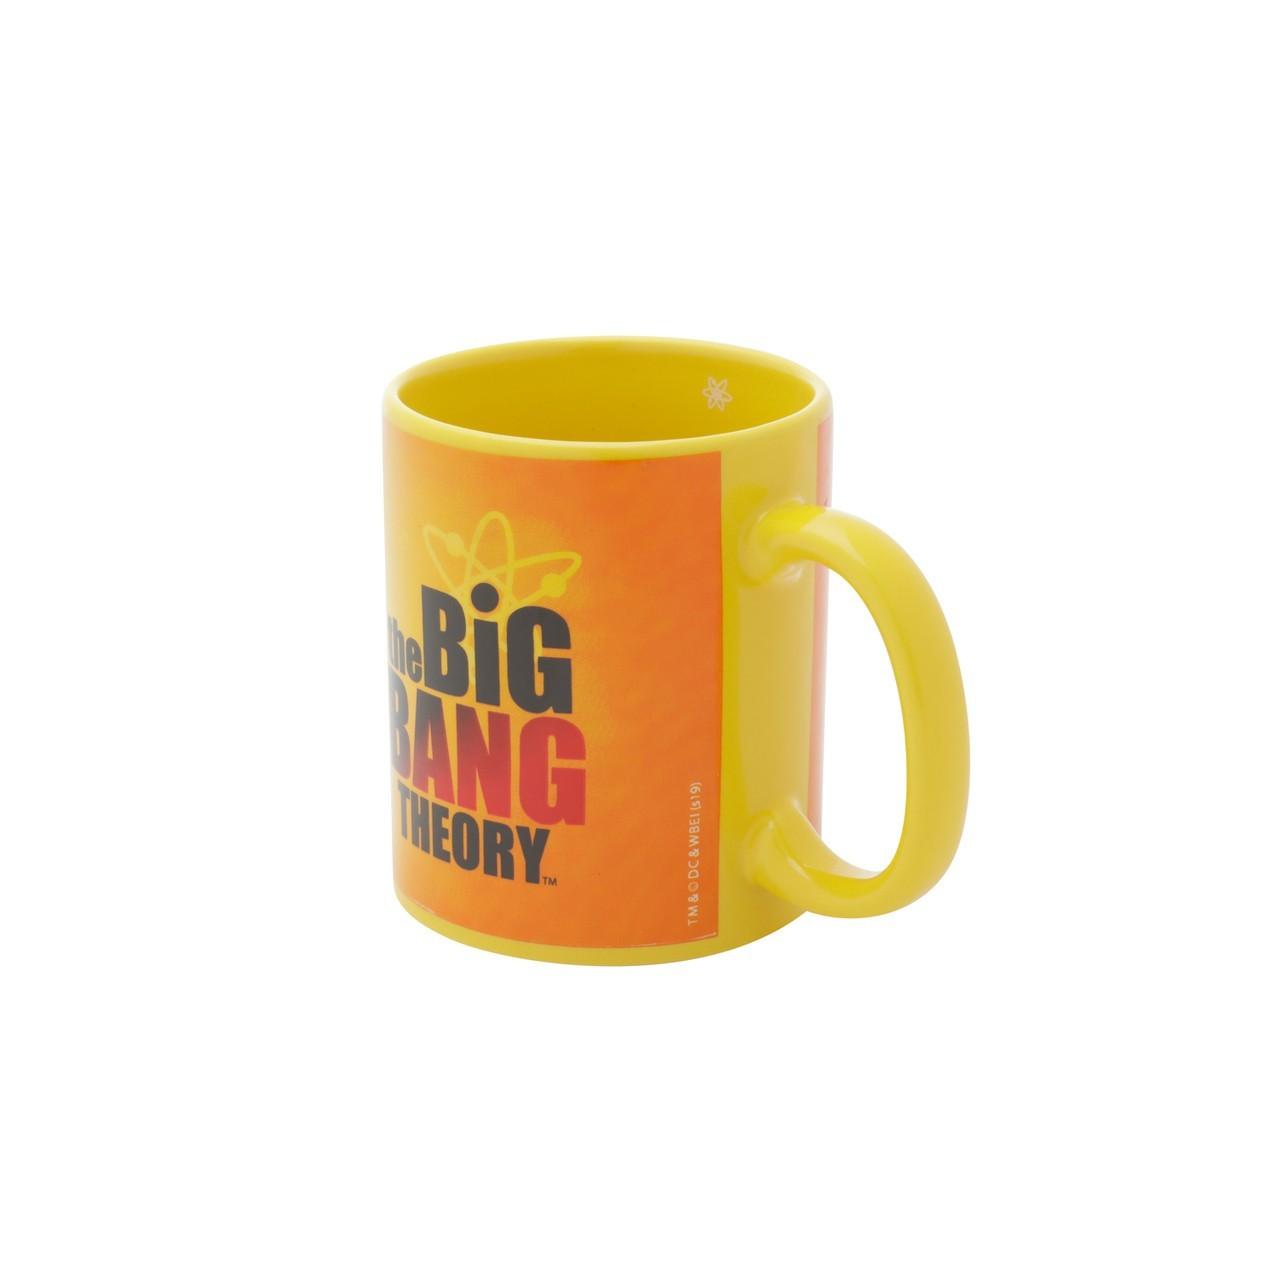 Caneca de Porcelana: Logo Big Bang Theory ( Amarelo ) - Urban